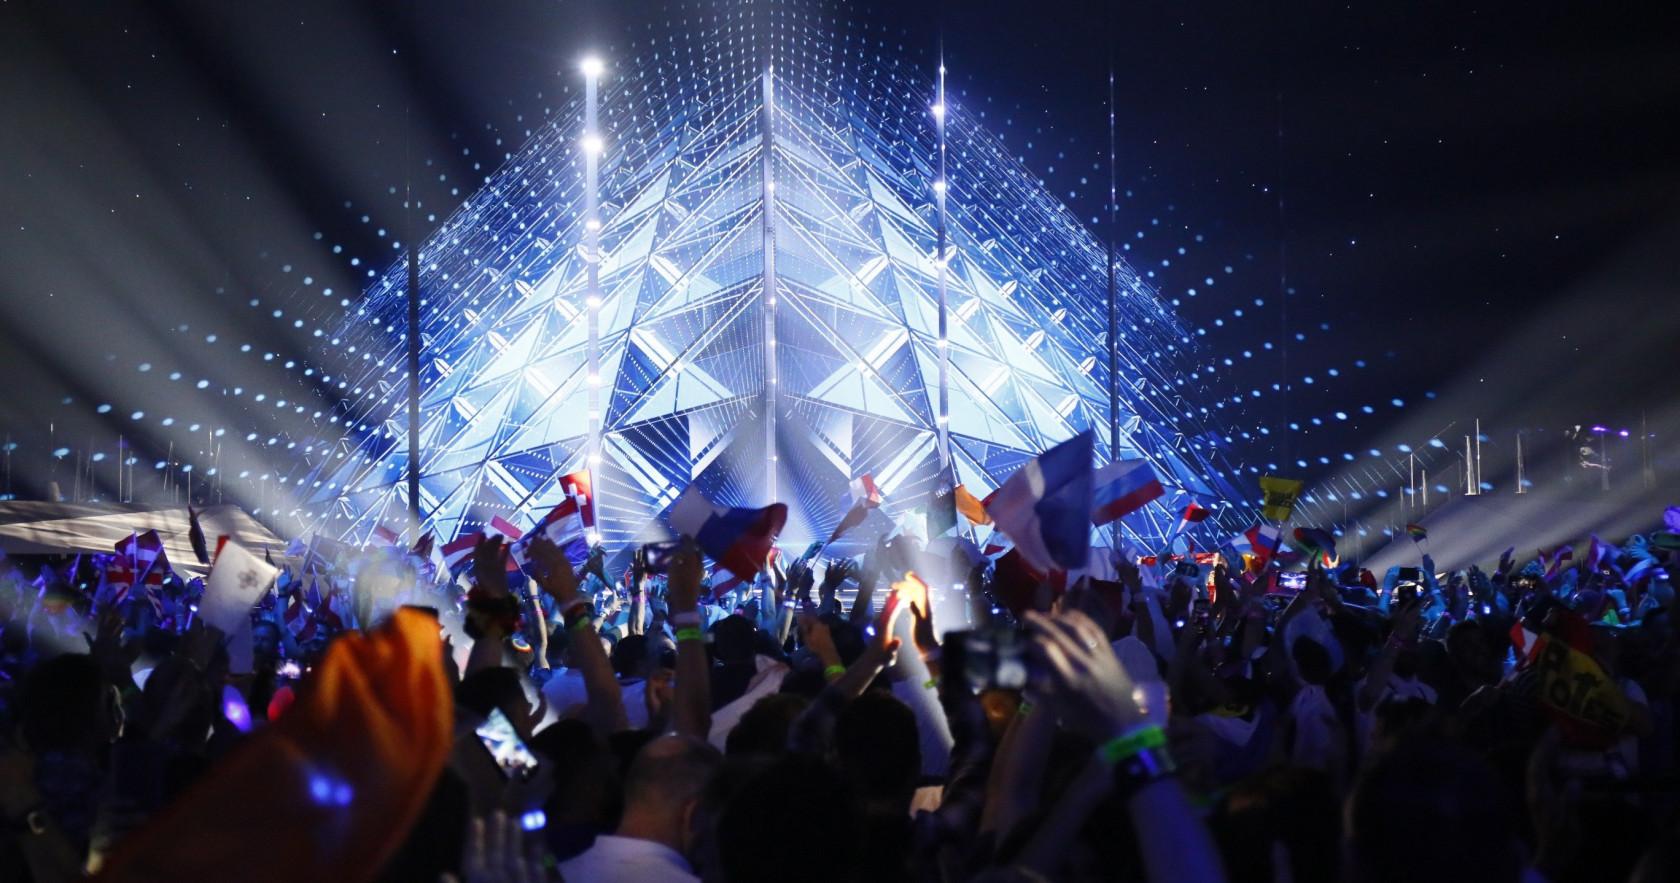 Os 26 que chegaram à final da Eurovisão. Quem sairá vencedor?